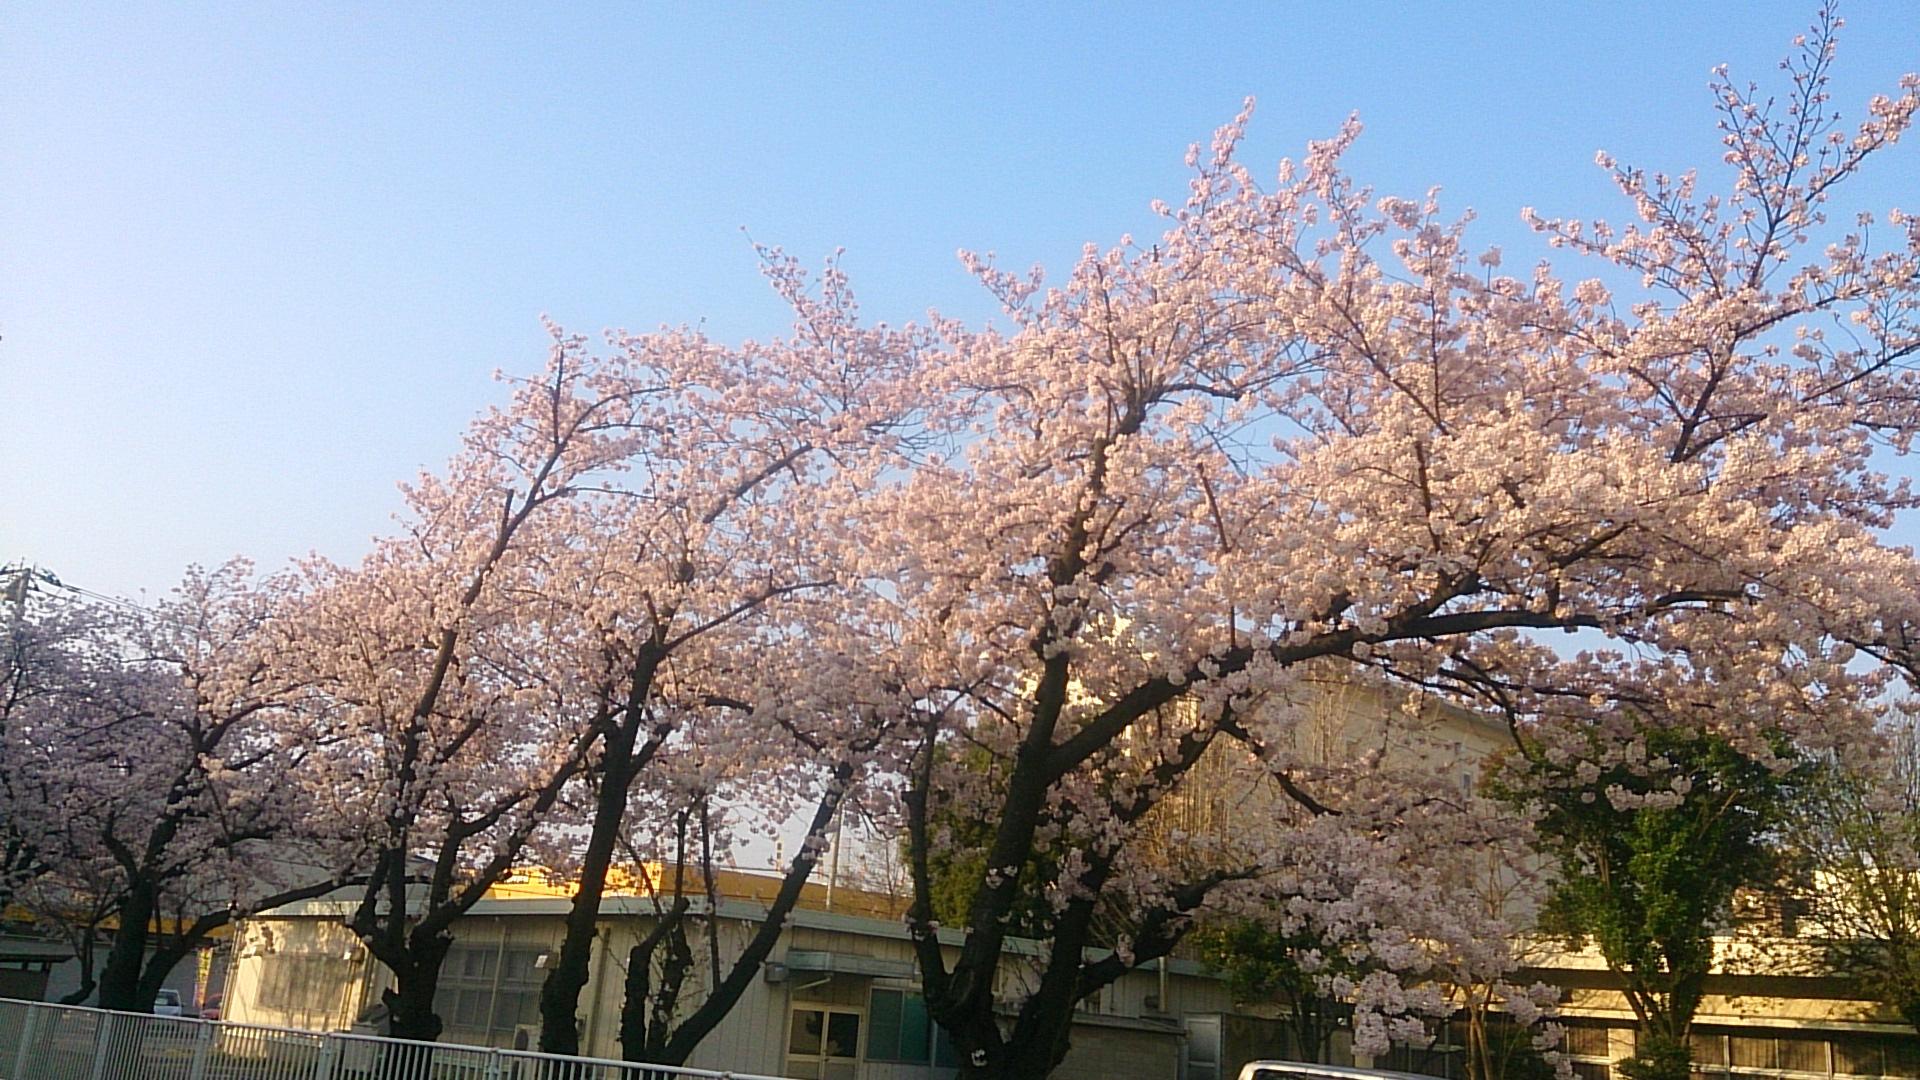 満開:武蔵浦和ロッテ寮の桜の開花状況